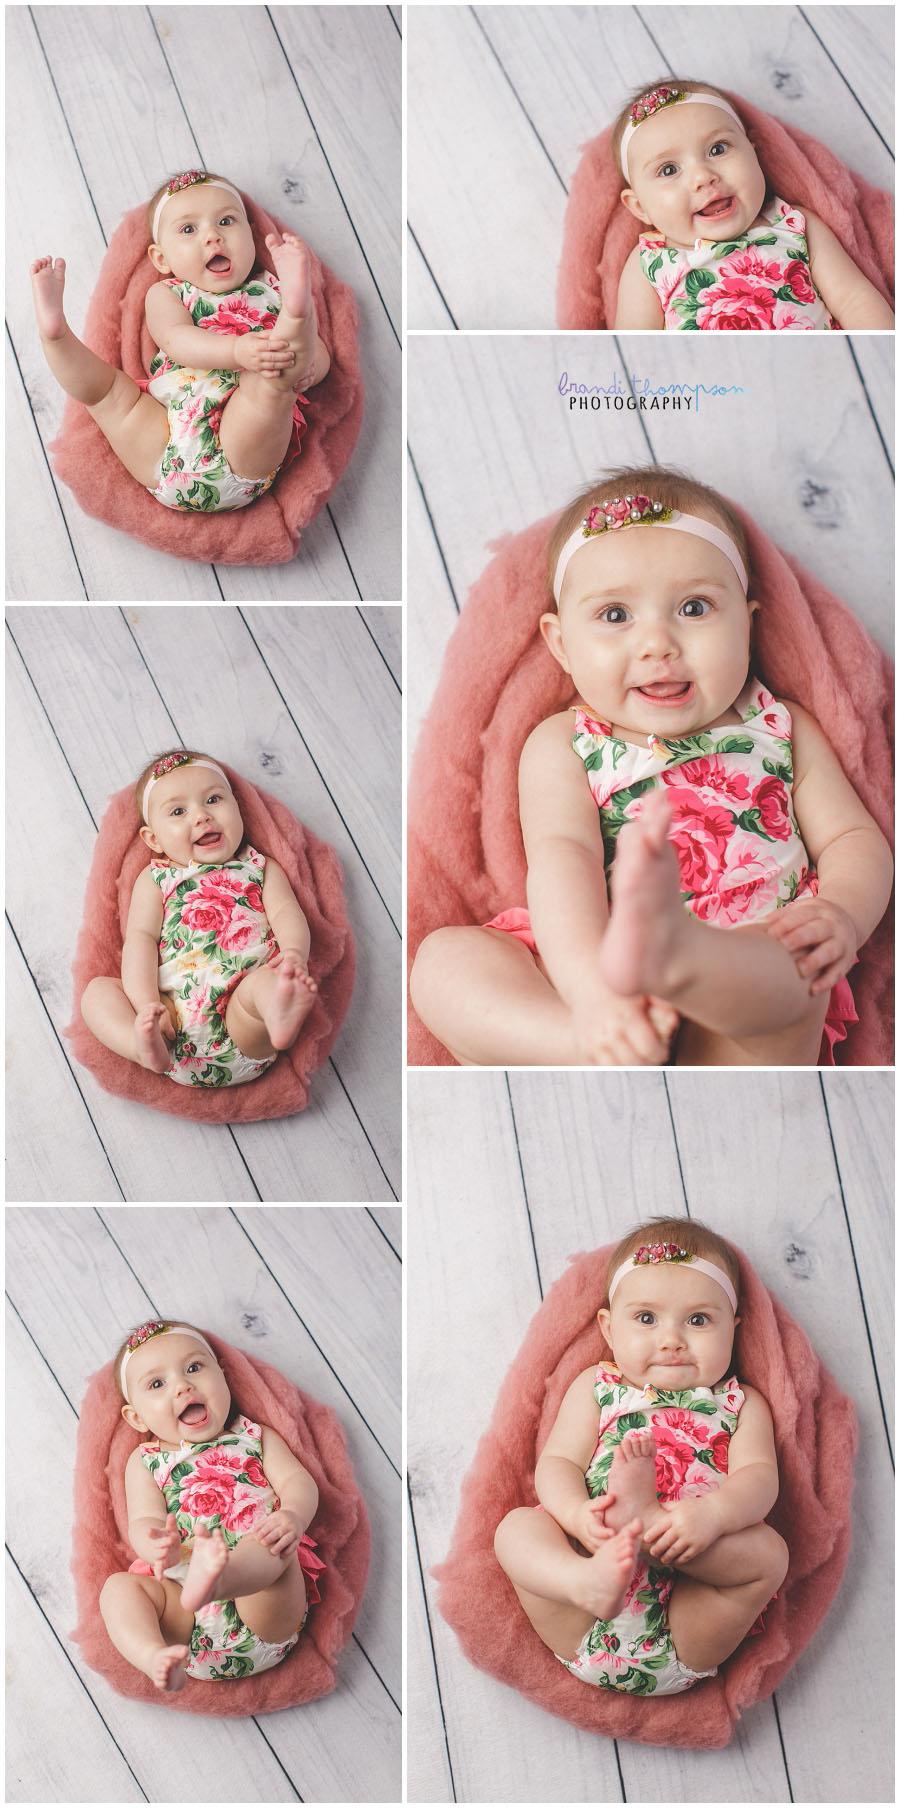 plano baby photographer, plano photo studio